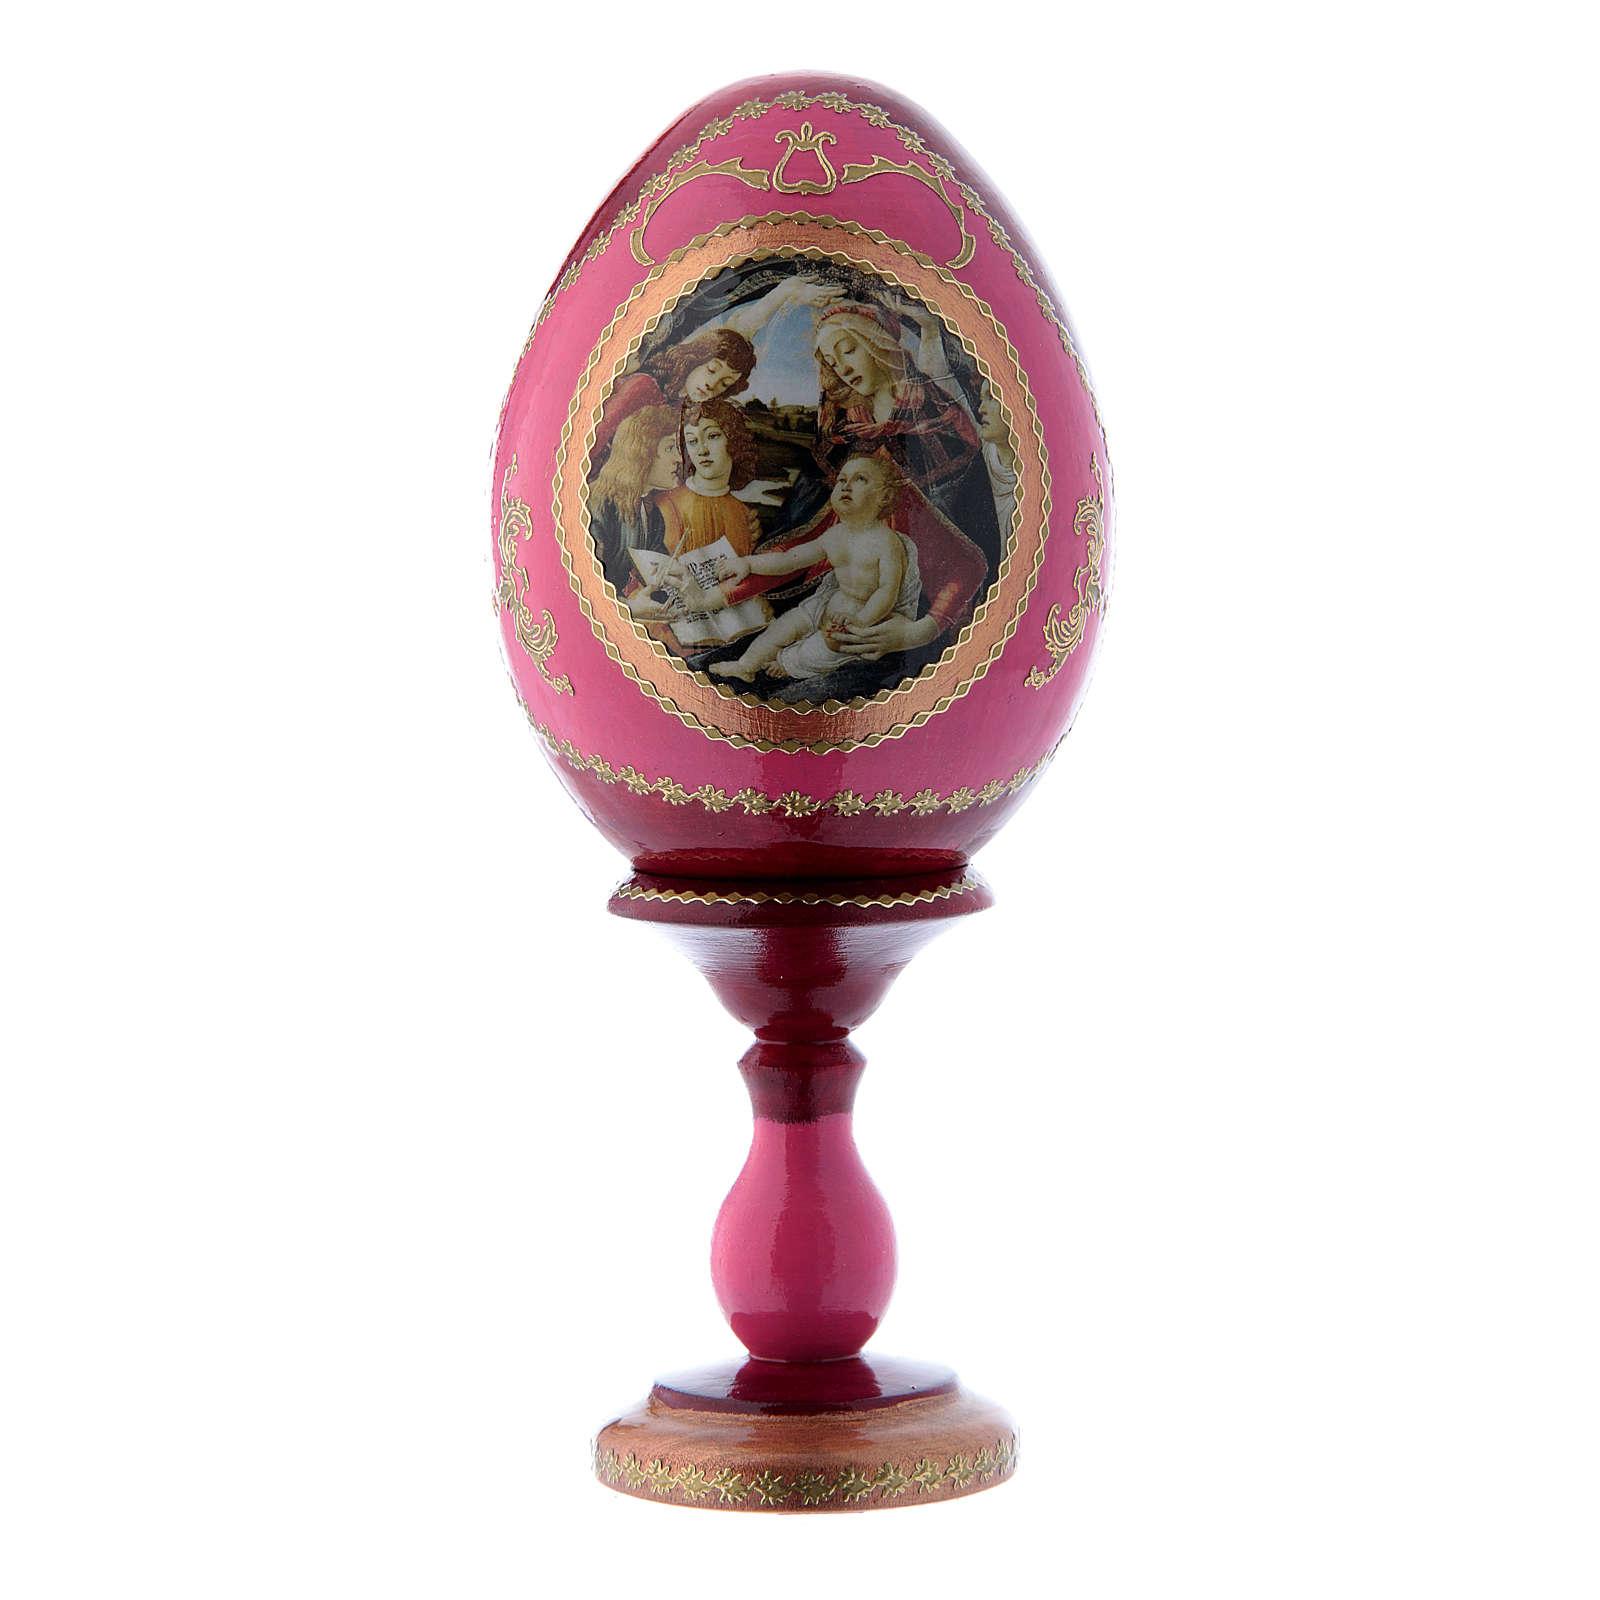 Oeuf russe style Fabergé rouge La Madone du Magnificat h tot 16 cm 4